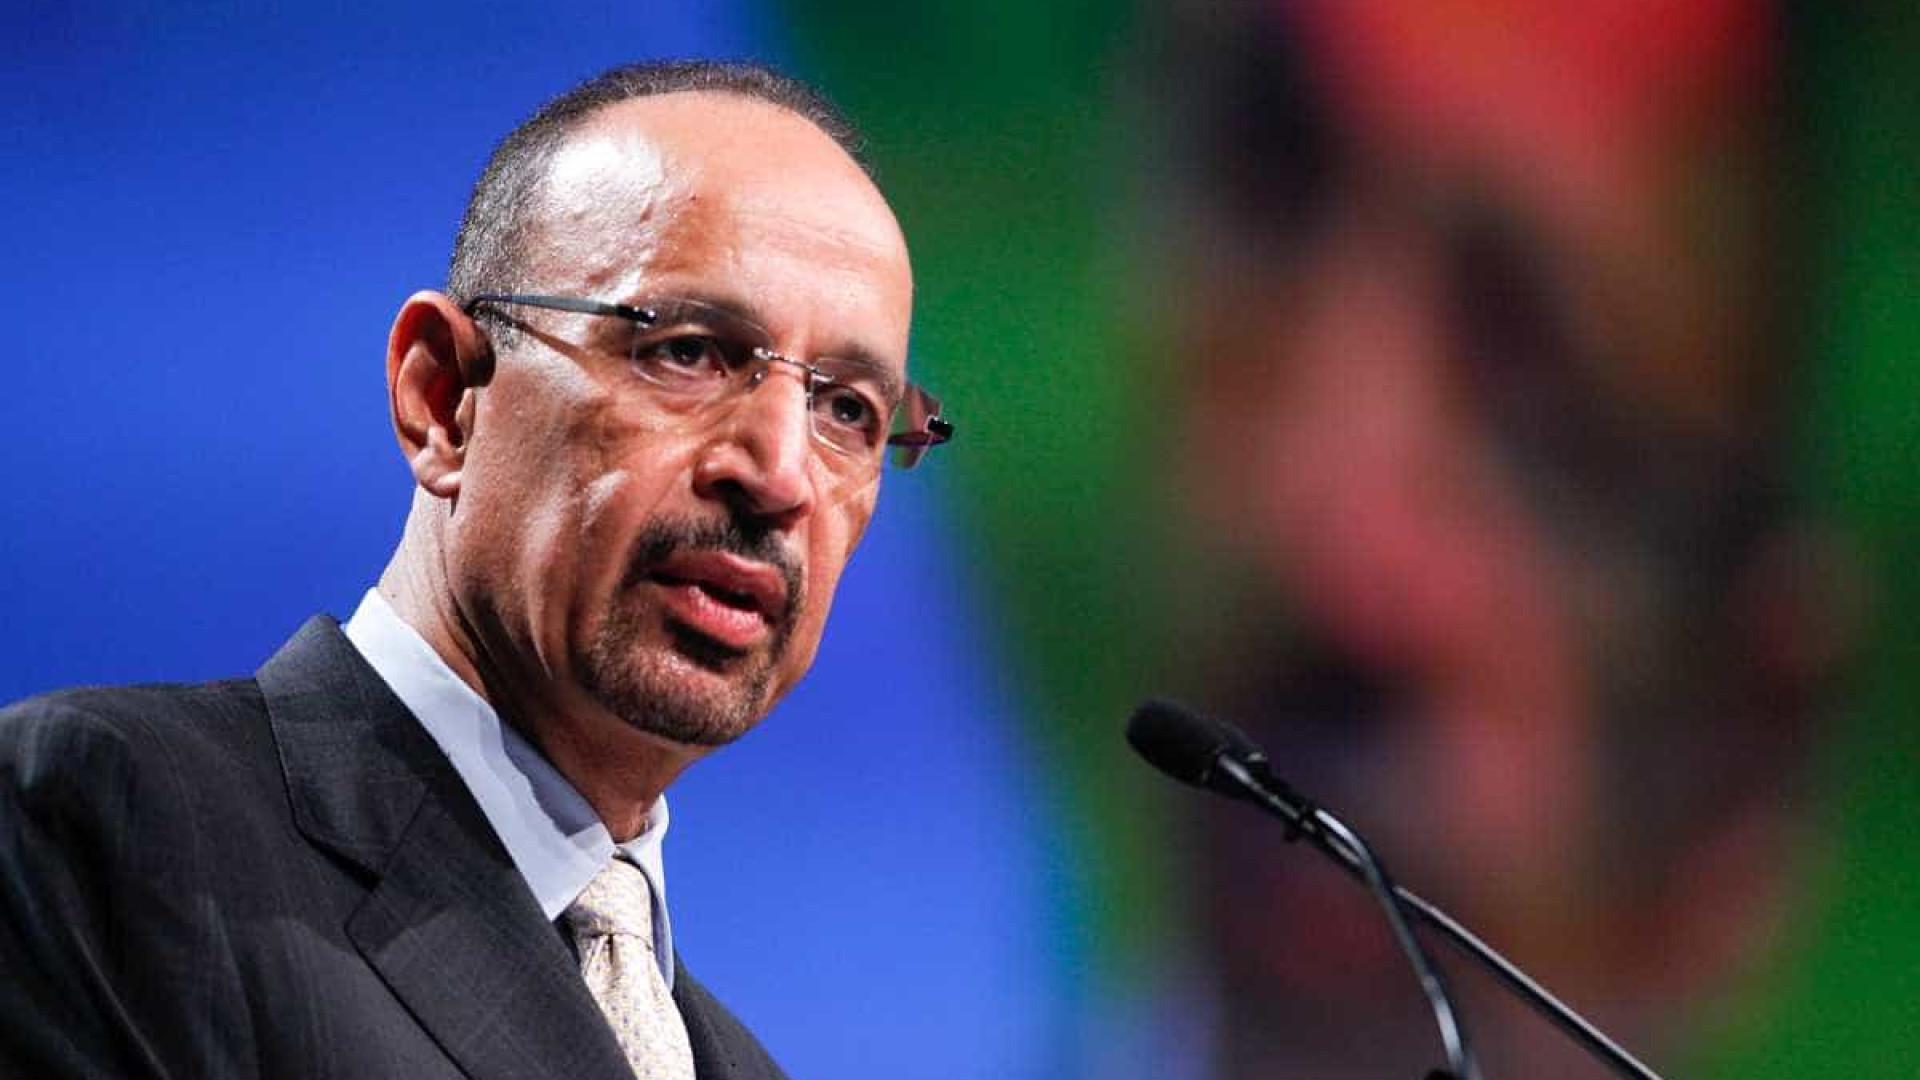 Arábia Saudita diz que oleoduto no país foi atacado por drones